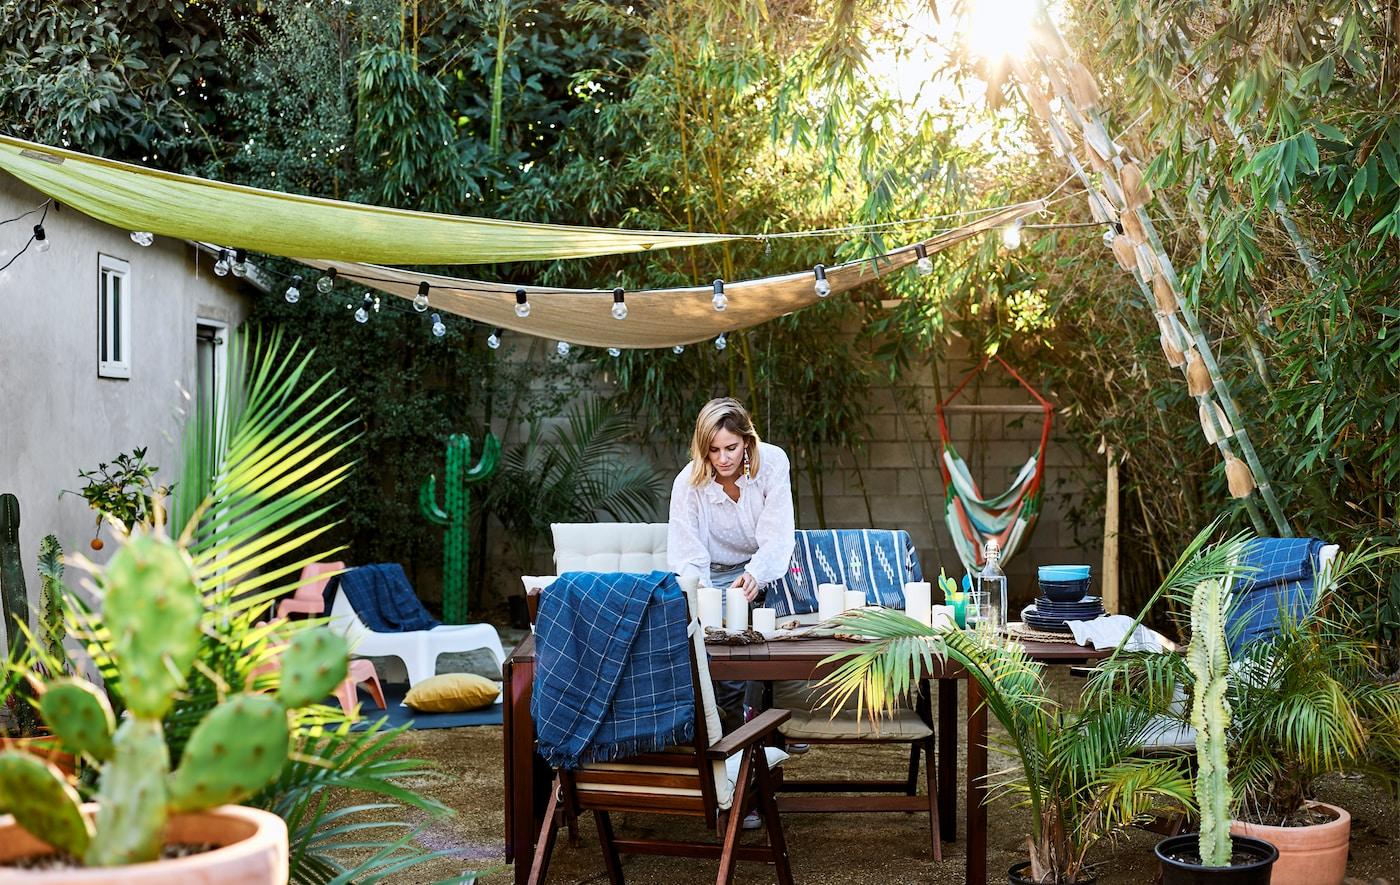 Chloé apparecchia la tavola in un giardino con mobili di legno, piante, alberi e baldacchini decorati con fili di luci - IKEA